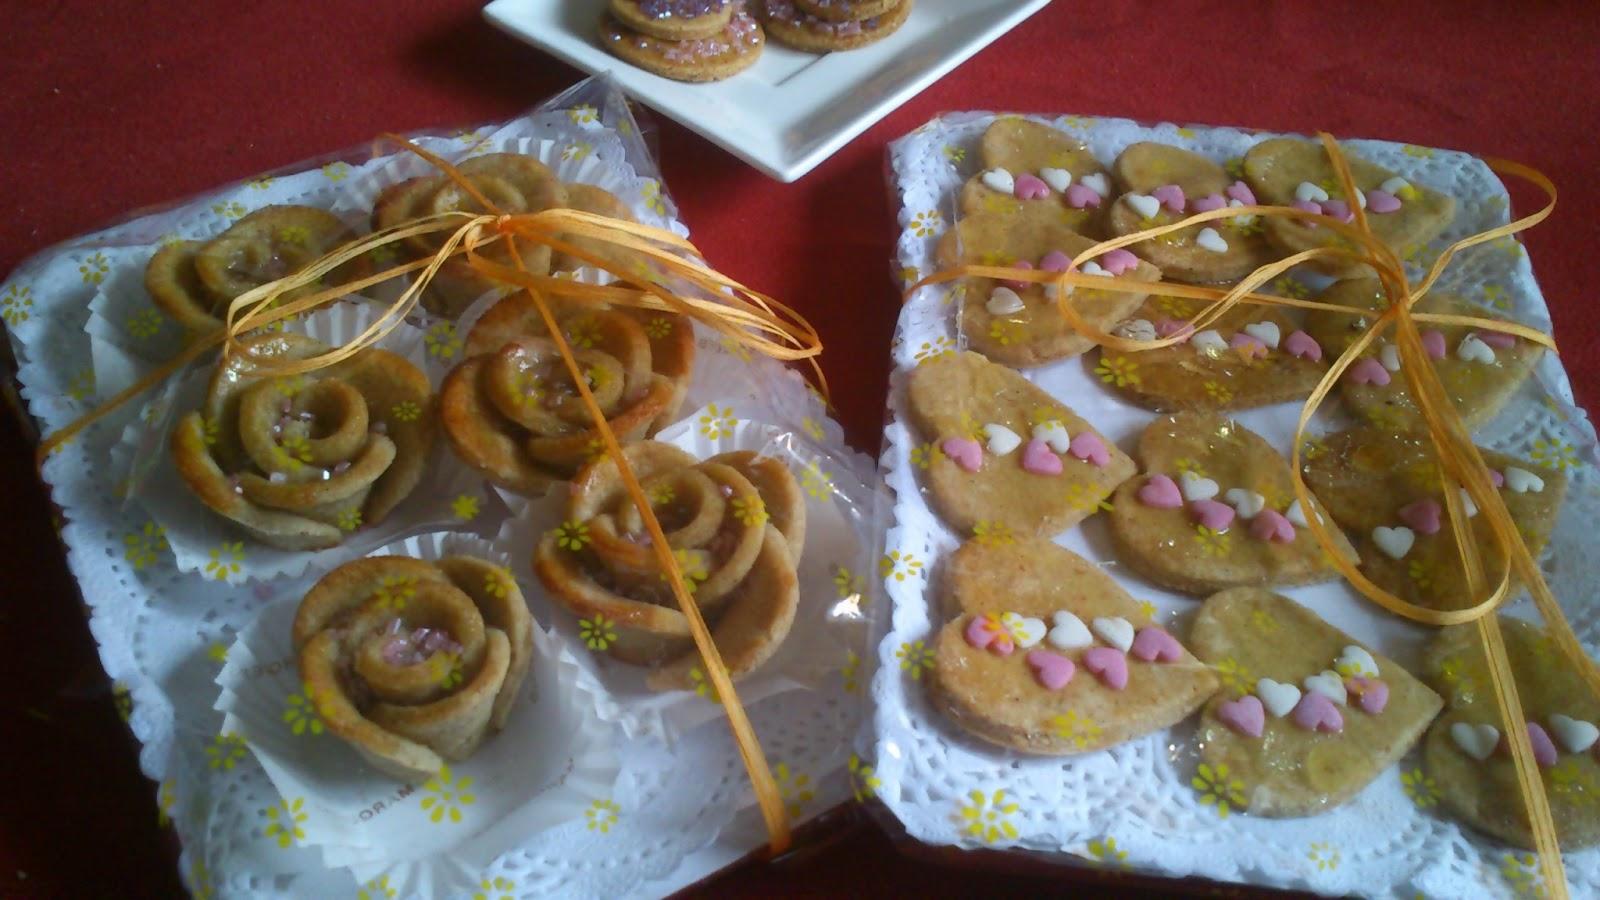 Galletas con forma de rosas